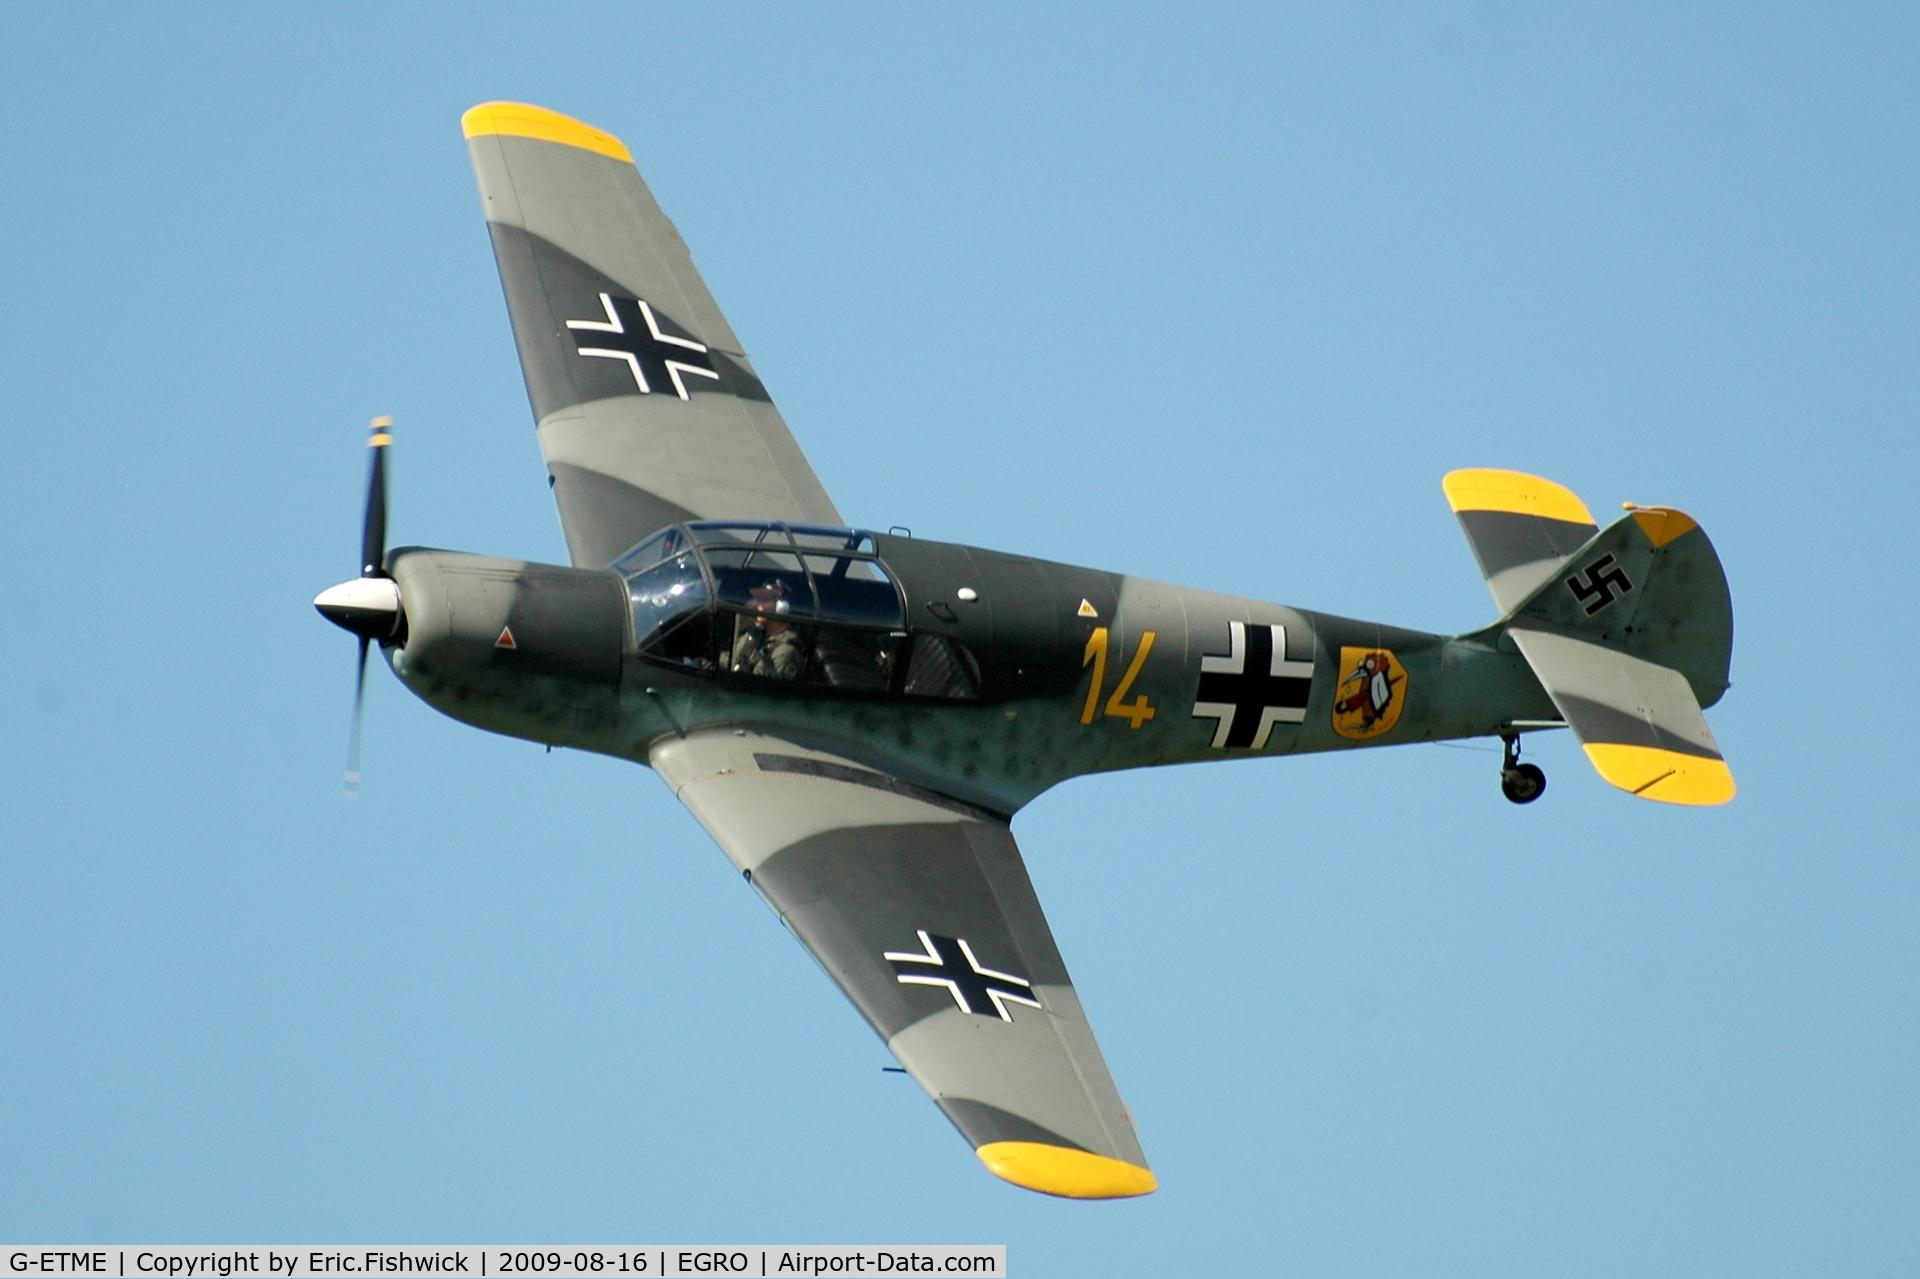 G-ETME, 1951 Nord 1002 Pingouin II C/N 274, 3. G-ETME at Heart Air Display, Rougham Airfield Aug 09